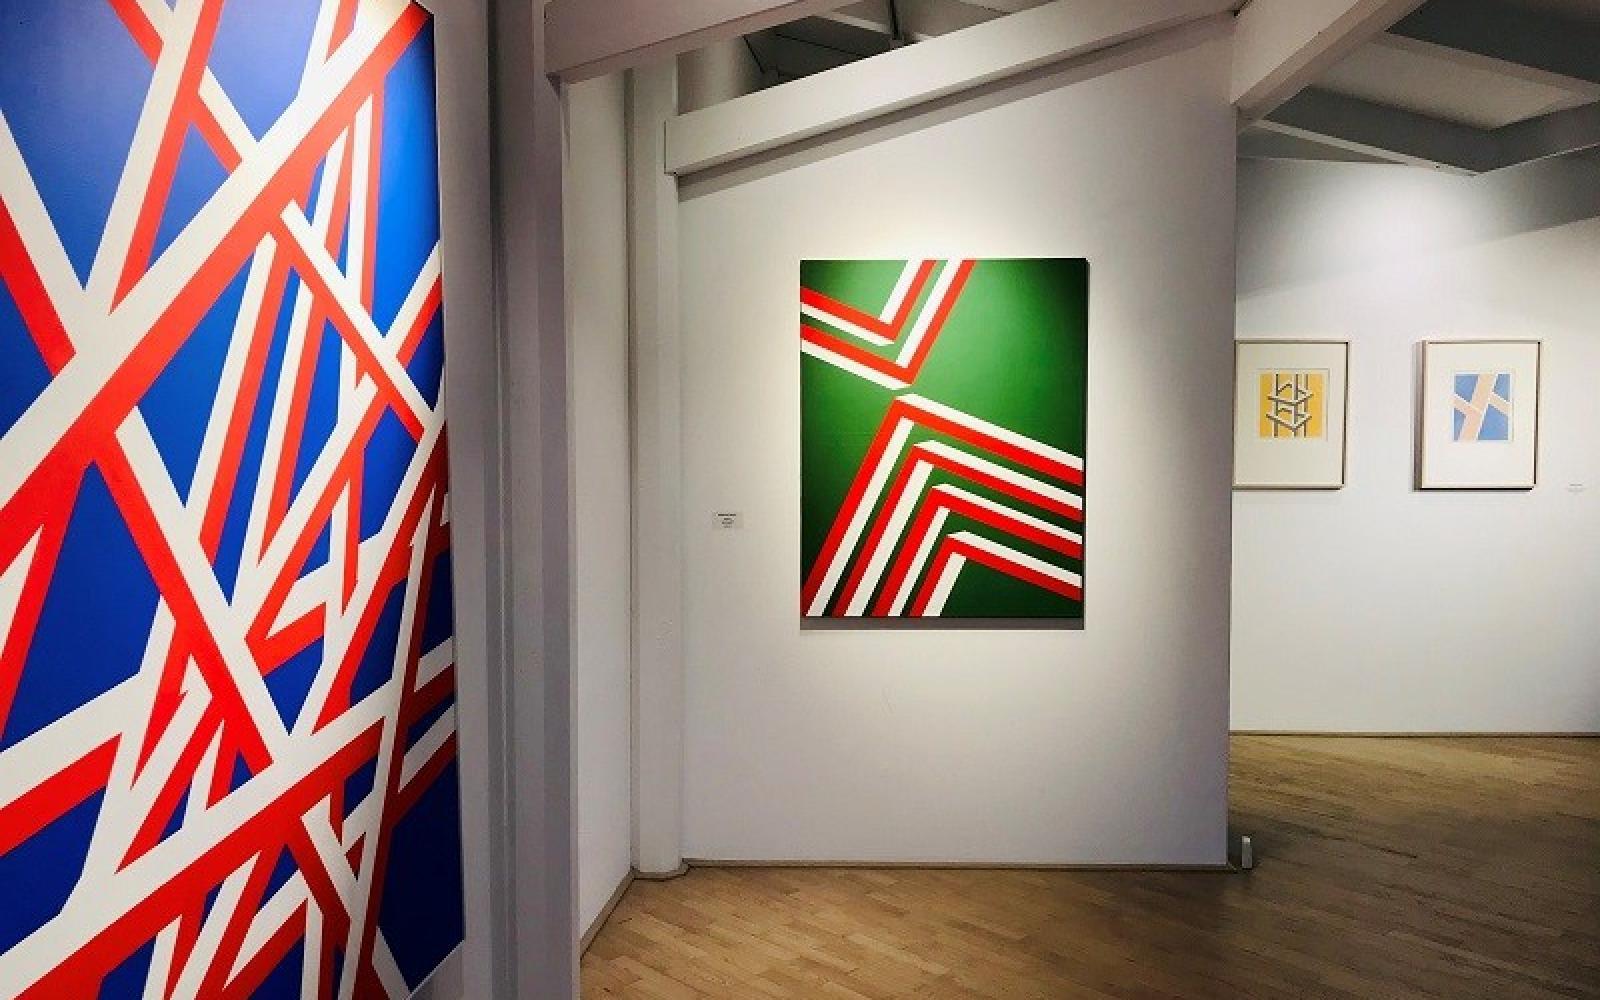 Pakosta in der Galerie Weihergut